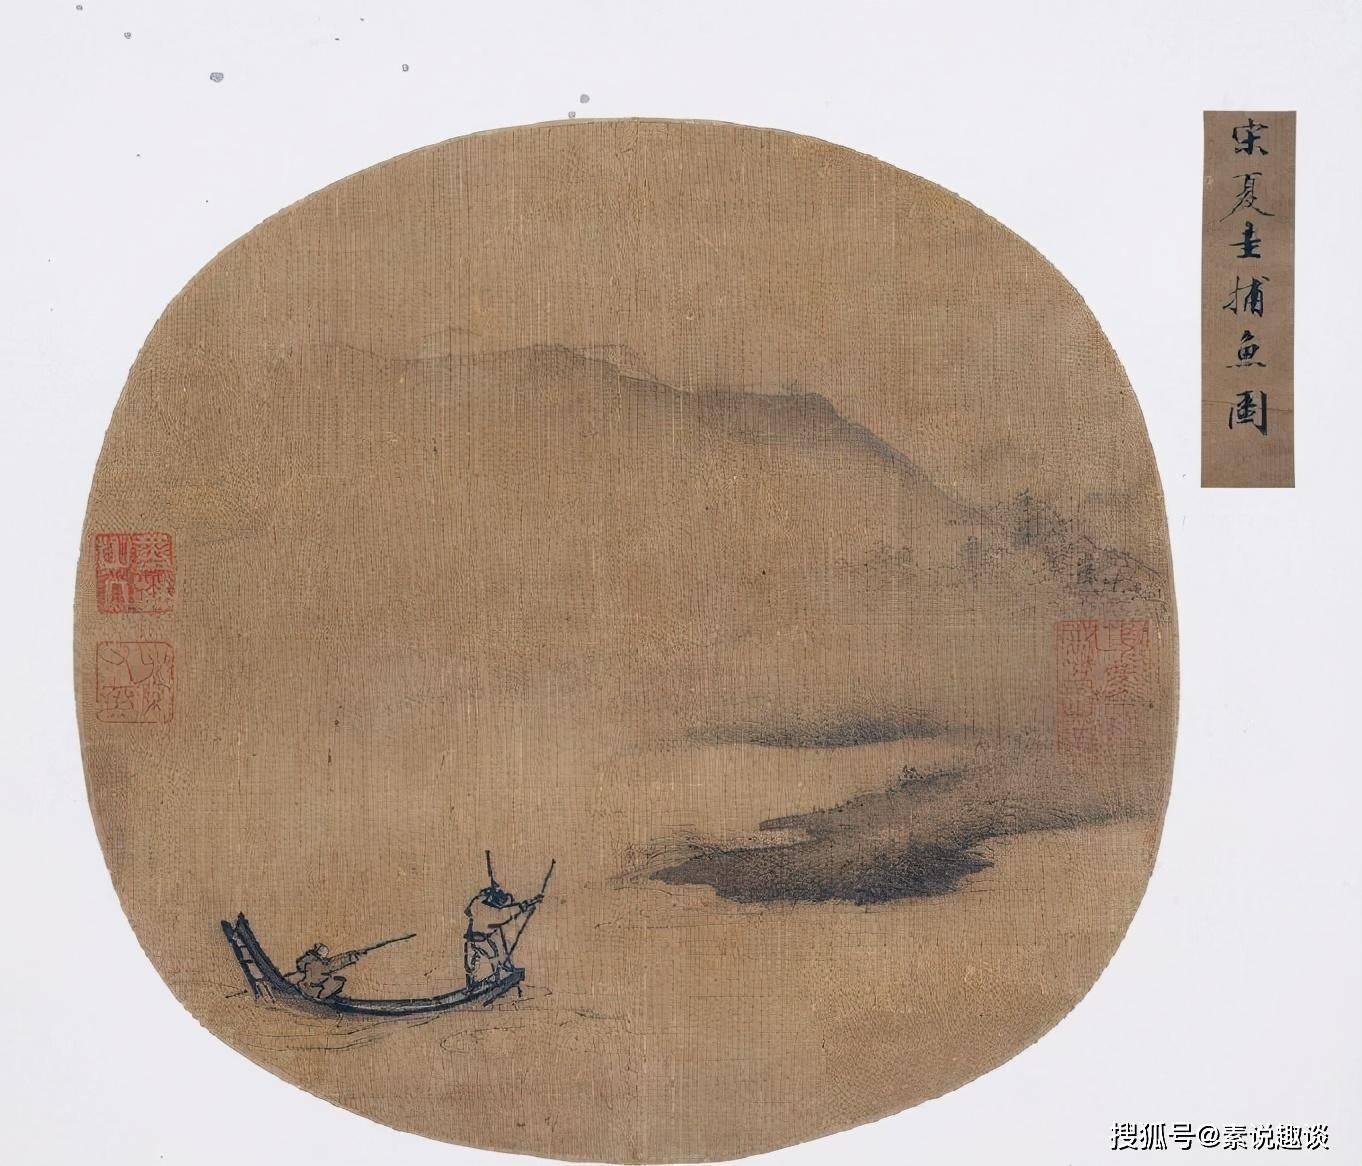 一幅宋朝的《捕鱼图》,2个人1条船,专家估价超过2个亿